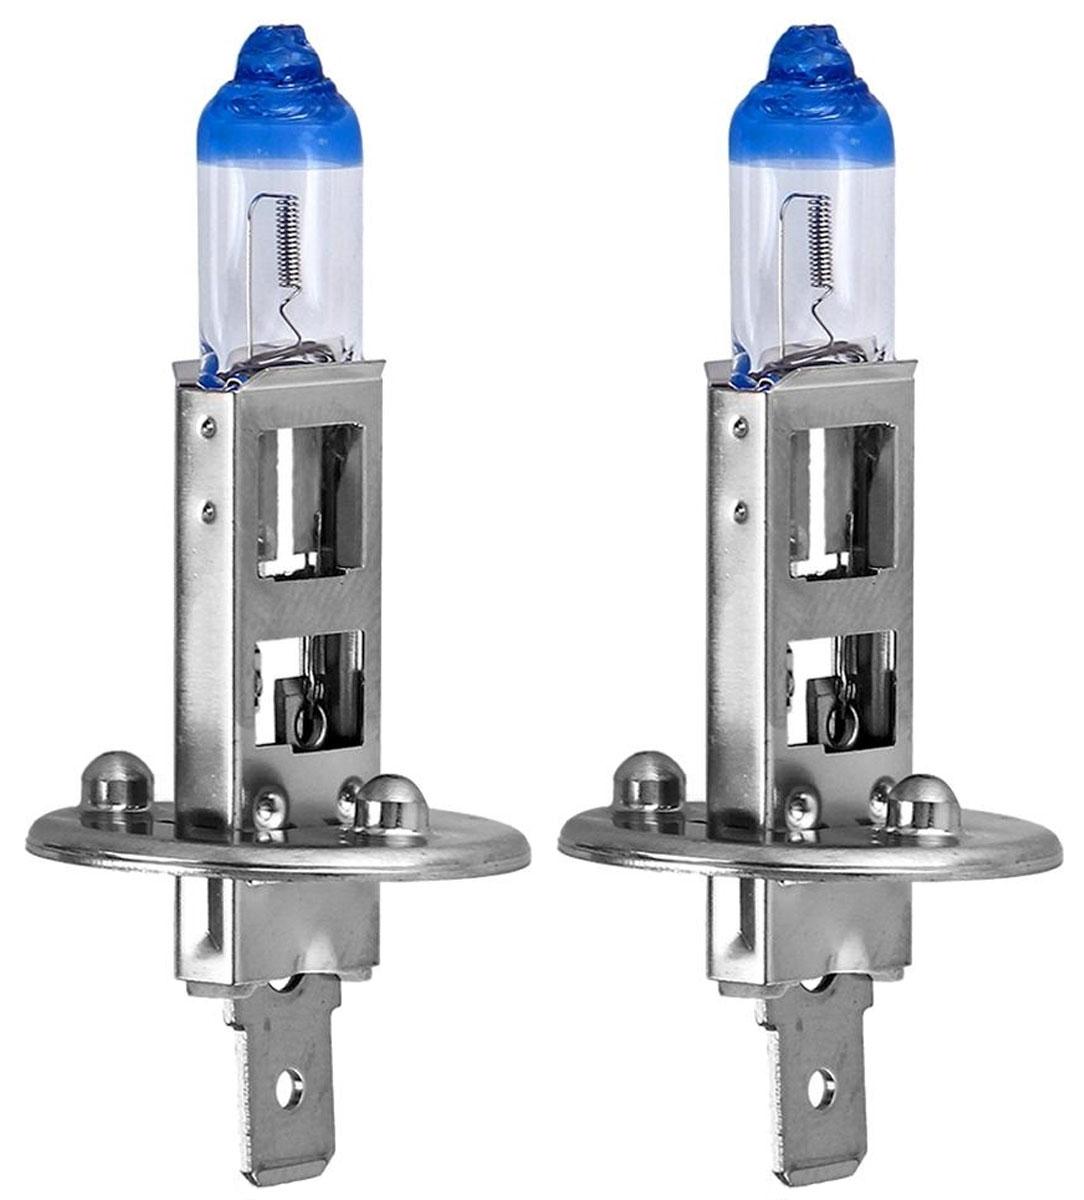 Лампа автомобильная галогенная Philips X-tremeVision, для фар, цоколь H1 (P14.5s), 12V, 55W, 2 шт12258XV+S2Галогенная лампа для автомобильных фар Philips X-tremeVision изготовлена из запатентованного кварцевого стекла с УФ-фильтром Philips Quartz Glass. Кварцевое стекло в отличие от обычного стекла выдерживает гораздо большее давление и больший перепад температур. При попадании влаги на работающую лампу, лампа не взрывается и продолжает работать. Автомобильные лампы Philips X-tremeVision обладают повышенной яркостью, обеспечивая на 130% больше света на дороге. Такие лампы позволяют увеличить видимость перед автомобилем на 45 метров, благодаря чему вы можете видеть дальше, реагировать быстрее и водить безопаснее. Яркий белый свет (3700K) на 20% белее света стандартных ламп головного освещения. Запатентованная технология Philips Gradient Coating обеспечивает более мощный световой поток, максимальную яркость и невероятный комфорт в темное время суток. Лампы Philips X-tremeVision созданы для долгой и надежной службы. Они гарантируют хороший обзор и видимость на...